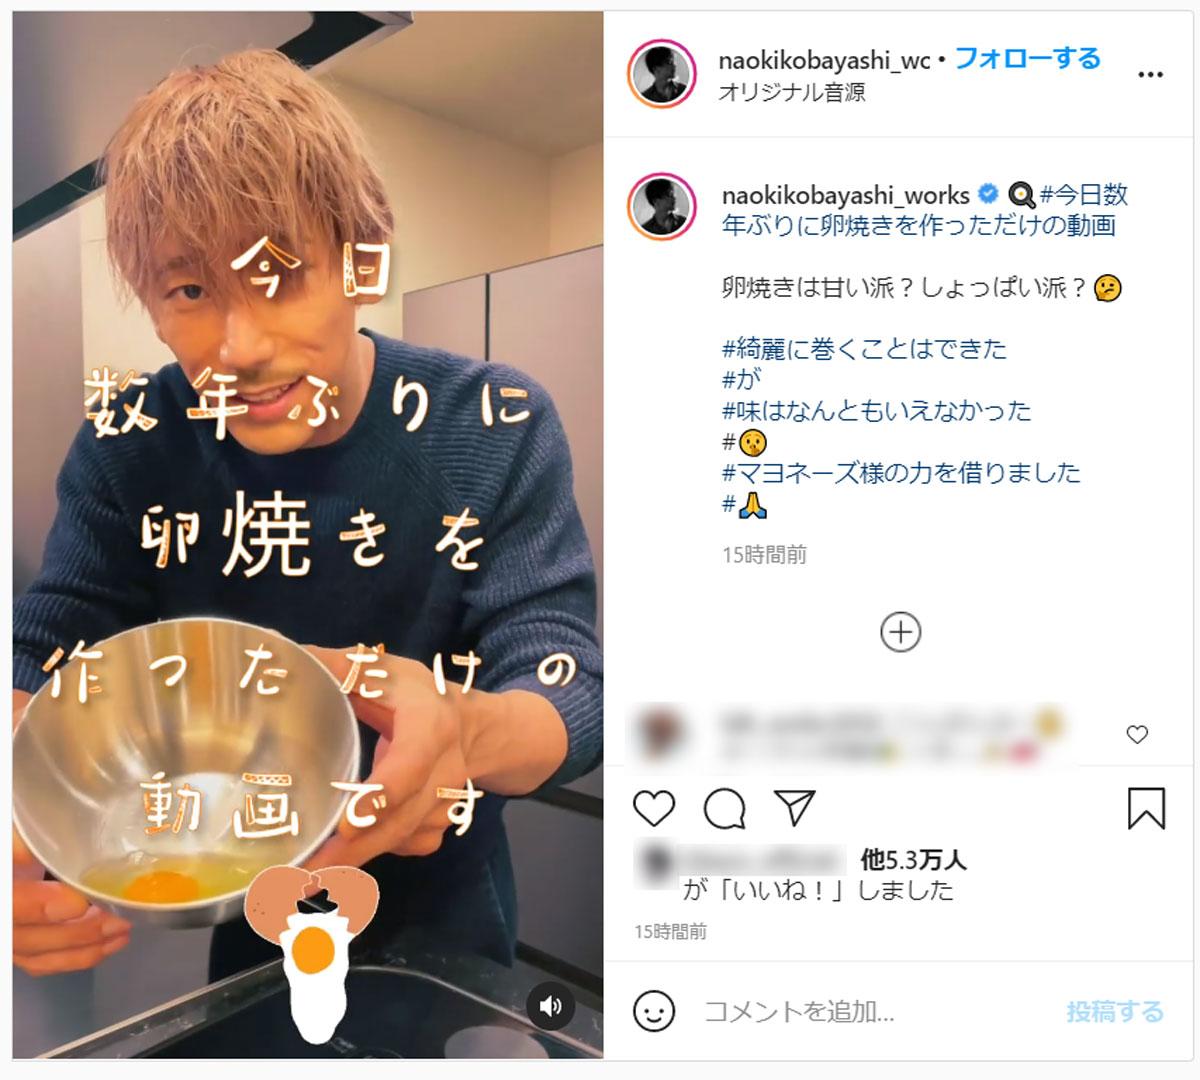 三代目JSB 小林直己が「卵焼きを作っただけの動画」公開 卵焼きは甘い派?しょっぱい派?